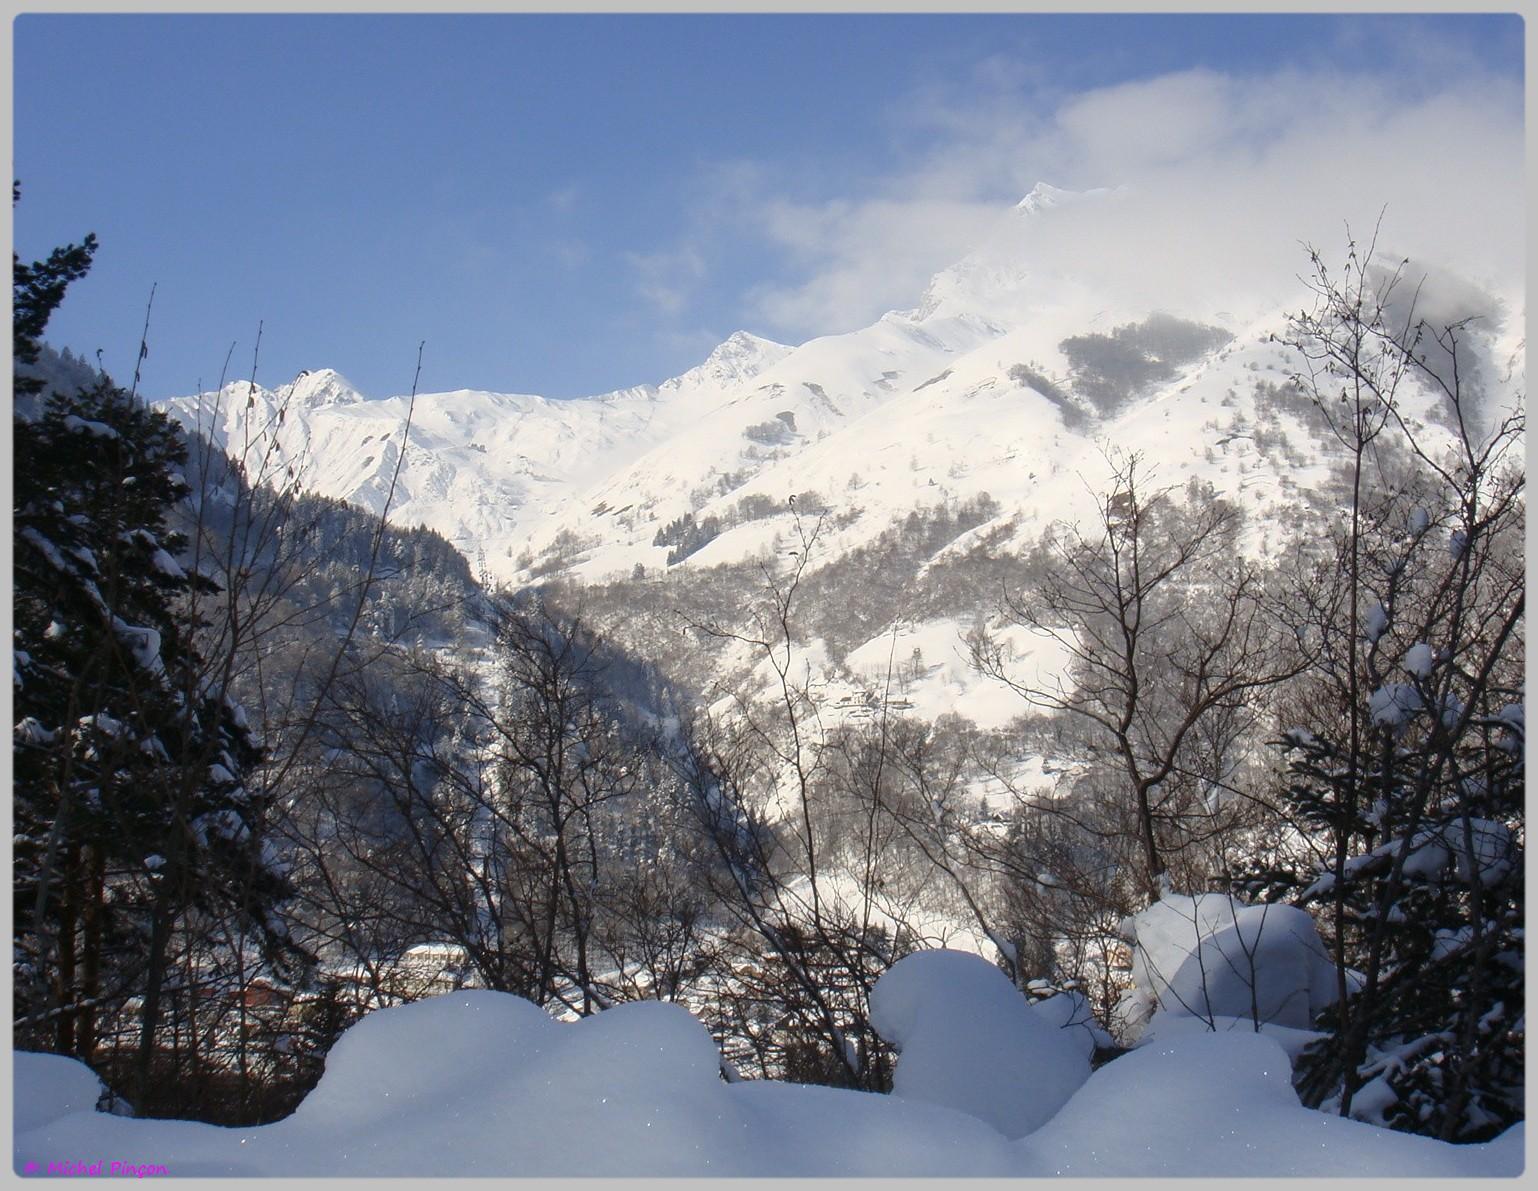 Une semaine à la Neige dans les Htes Pyrénées - Page 2 723262DSC012048